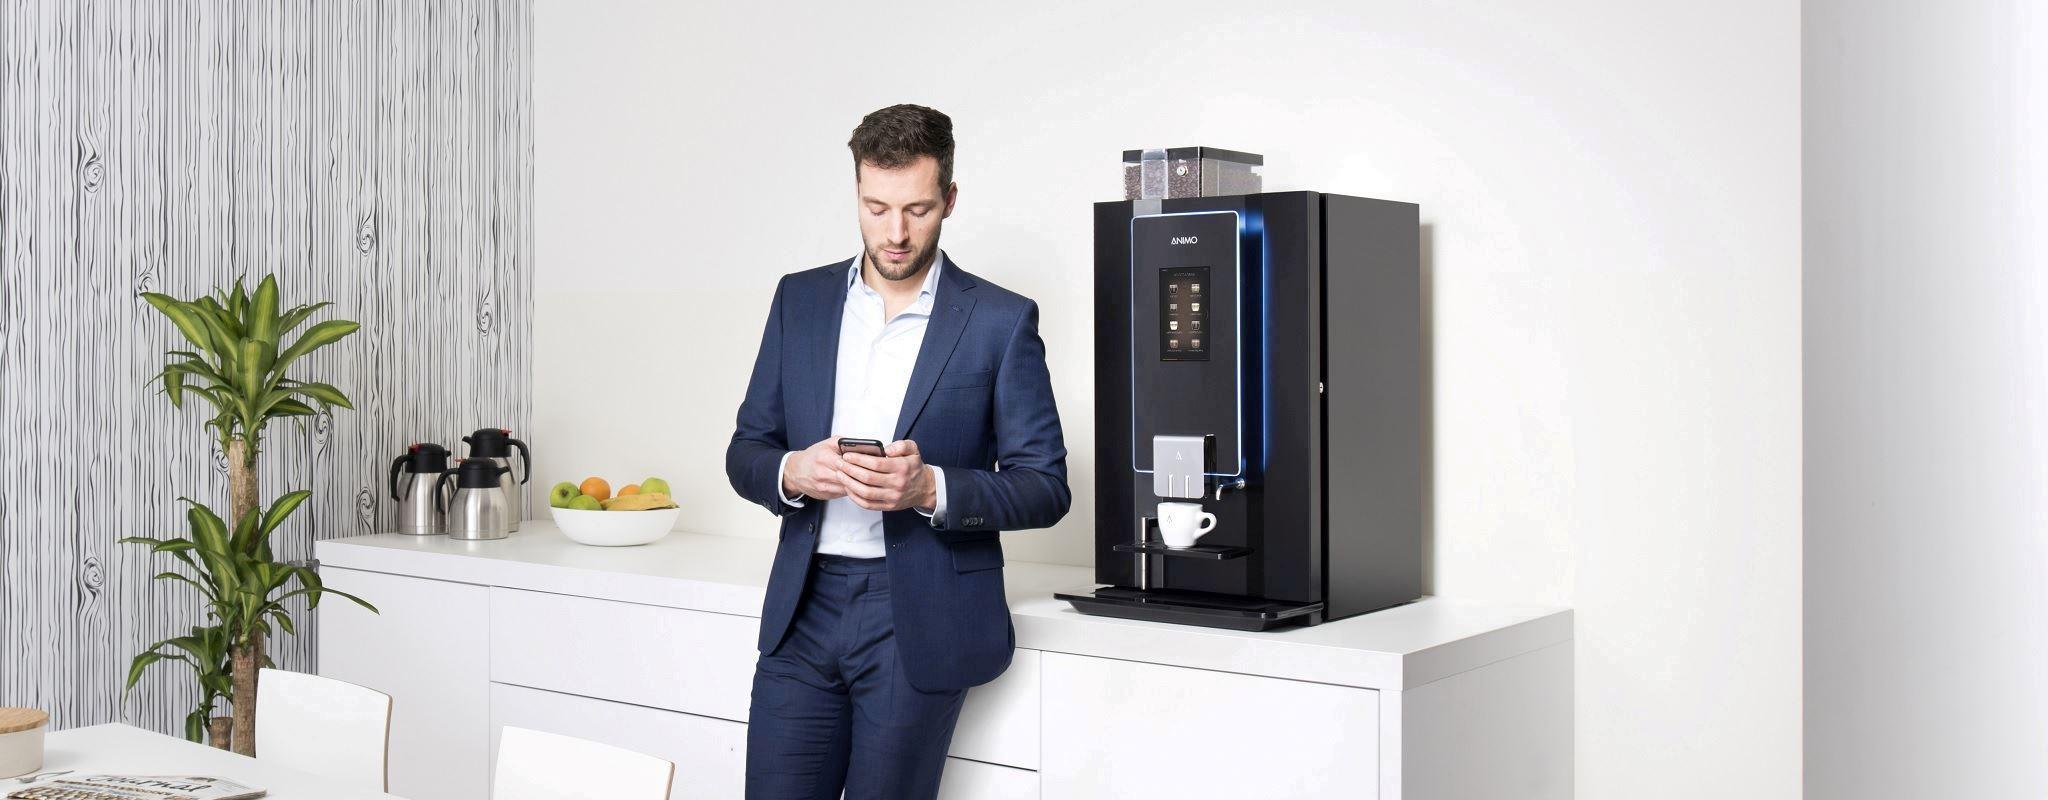 Mitarbeiter steht in der Küche vor Kaffeemaschine OptiBean Touch